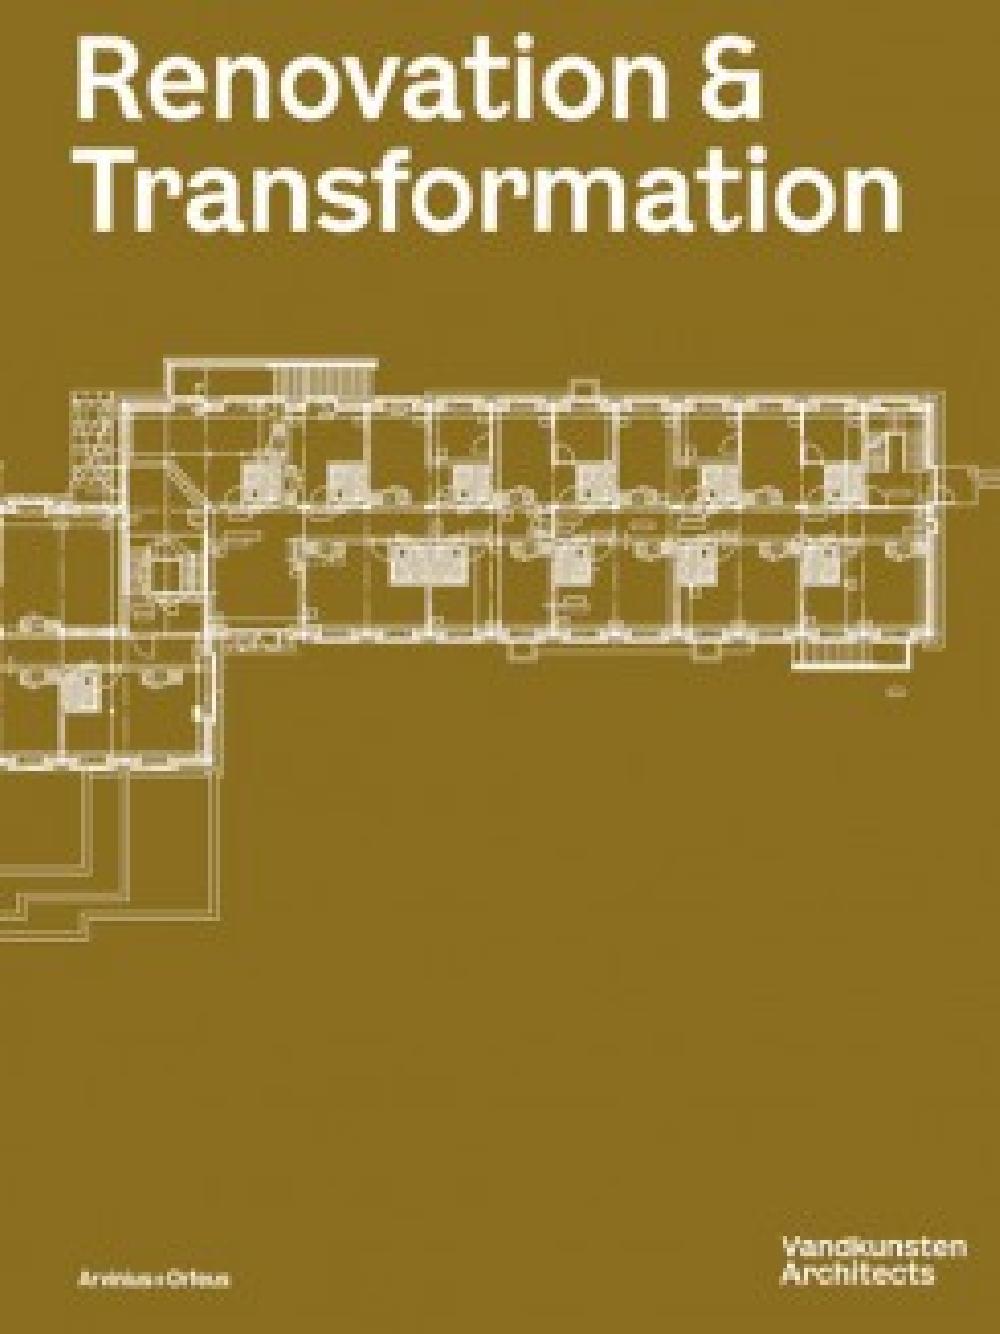 Renovation & Transformation